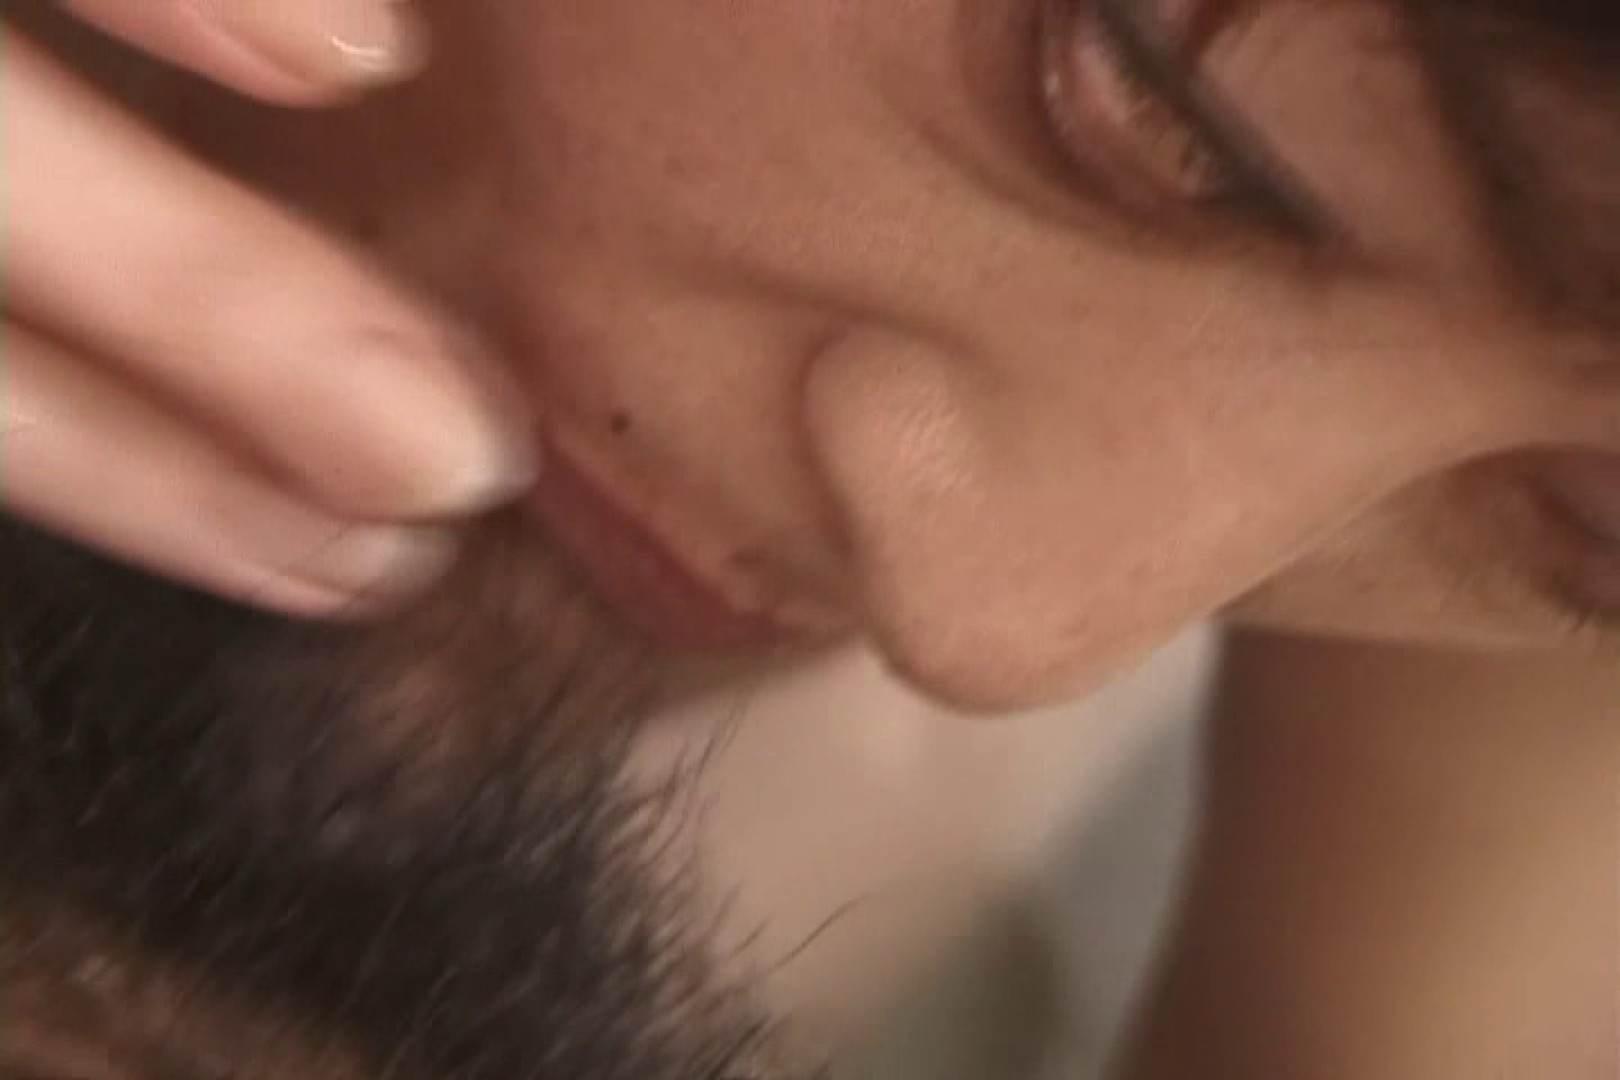 淫乱人妻に癒しを求める若い彼~川口早苗~ ギャル達の手マン | 人妻  62画像 33